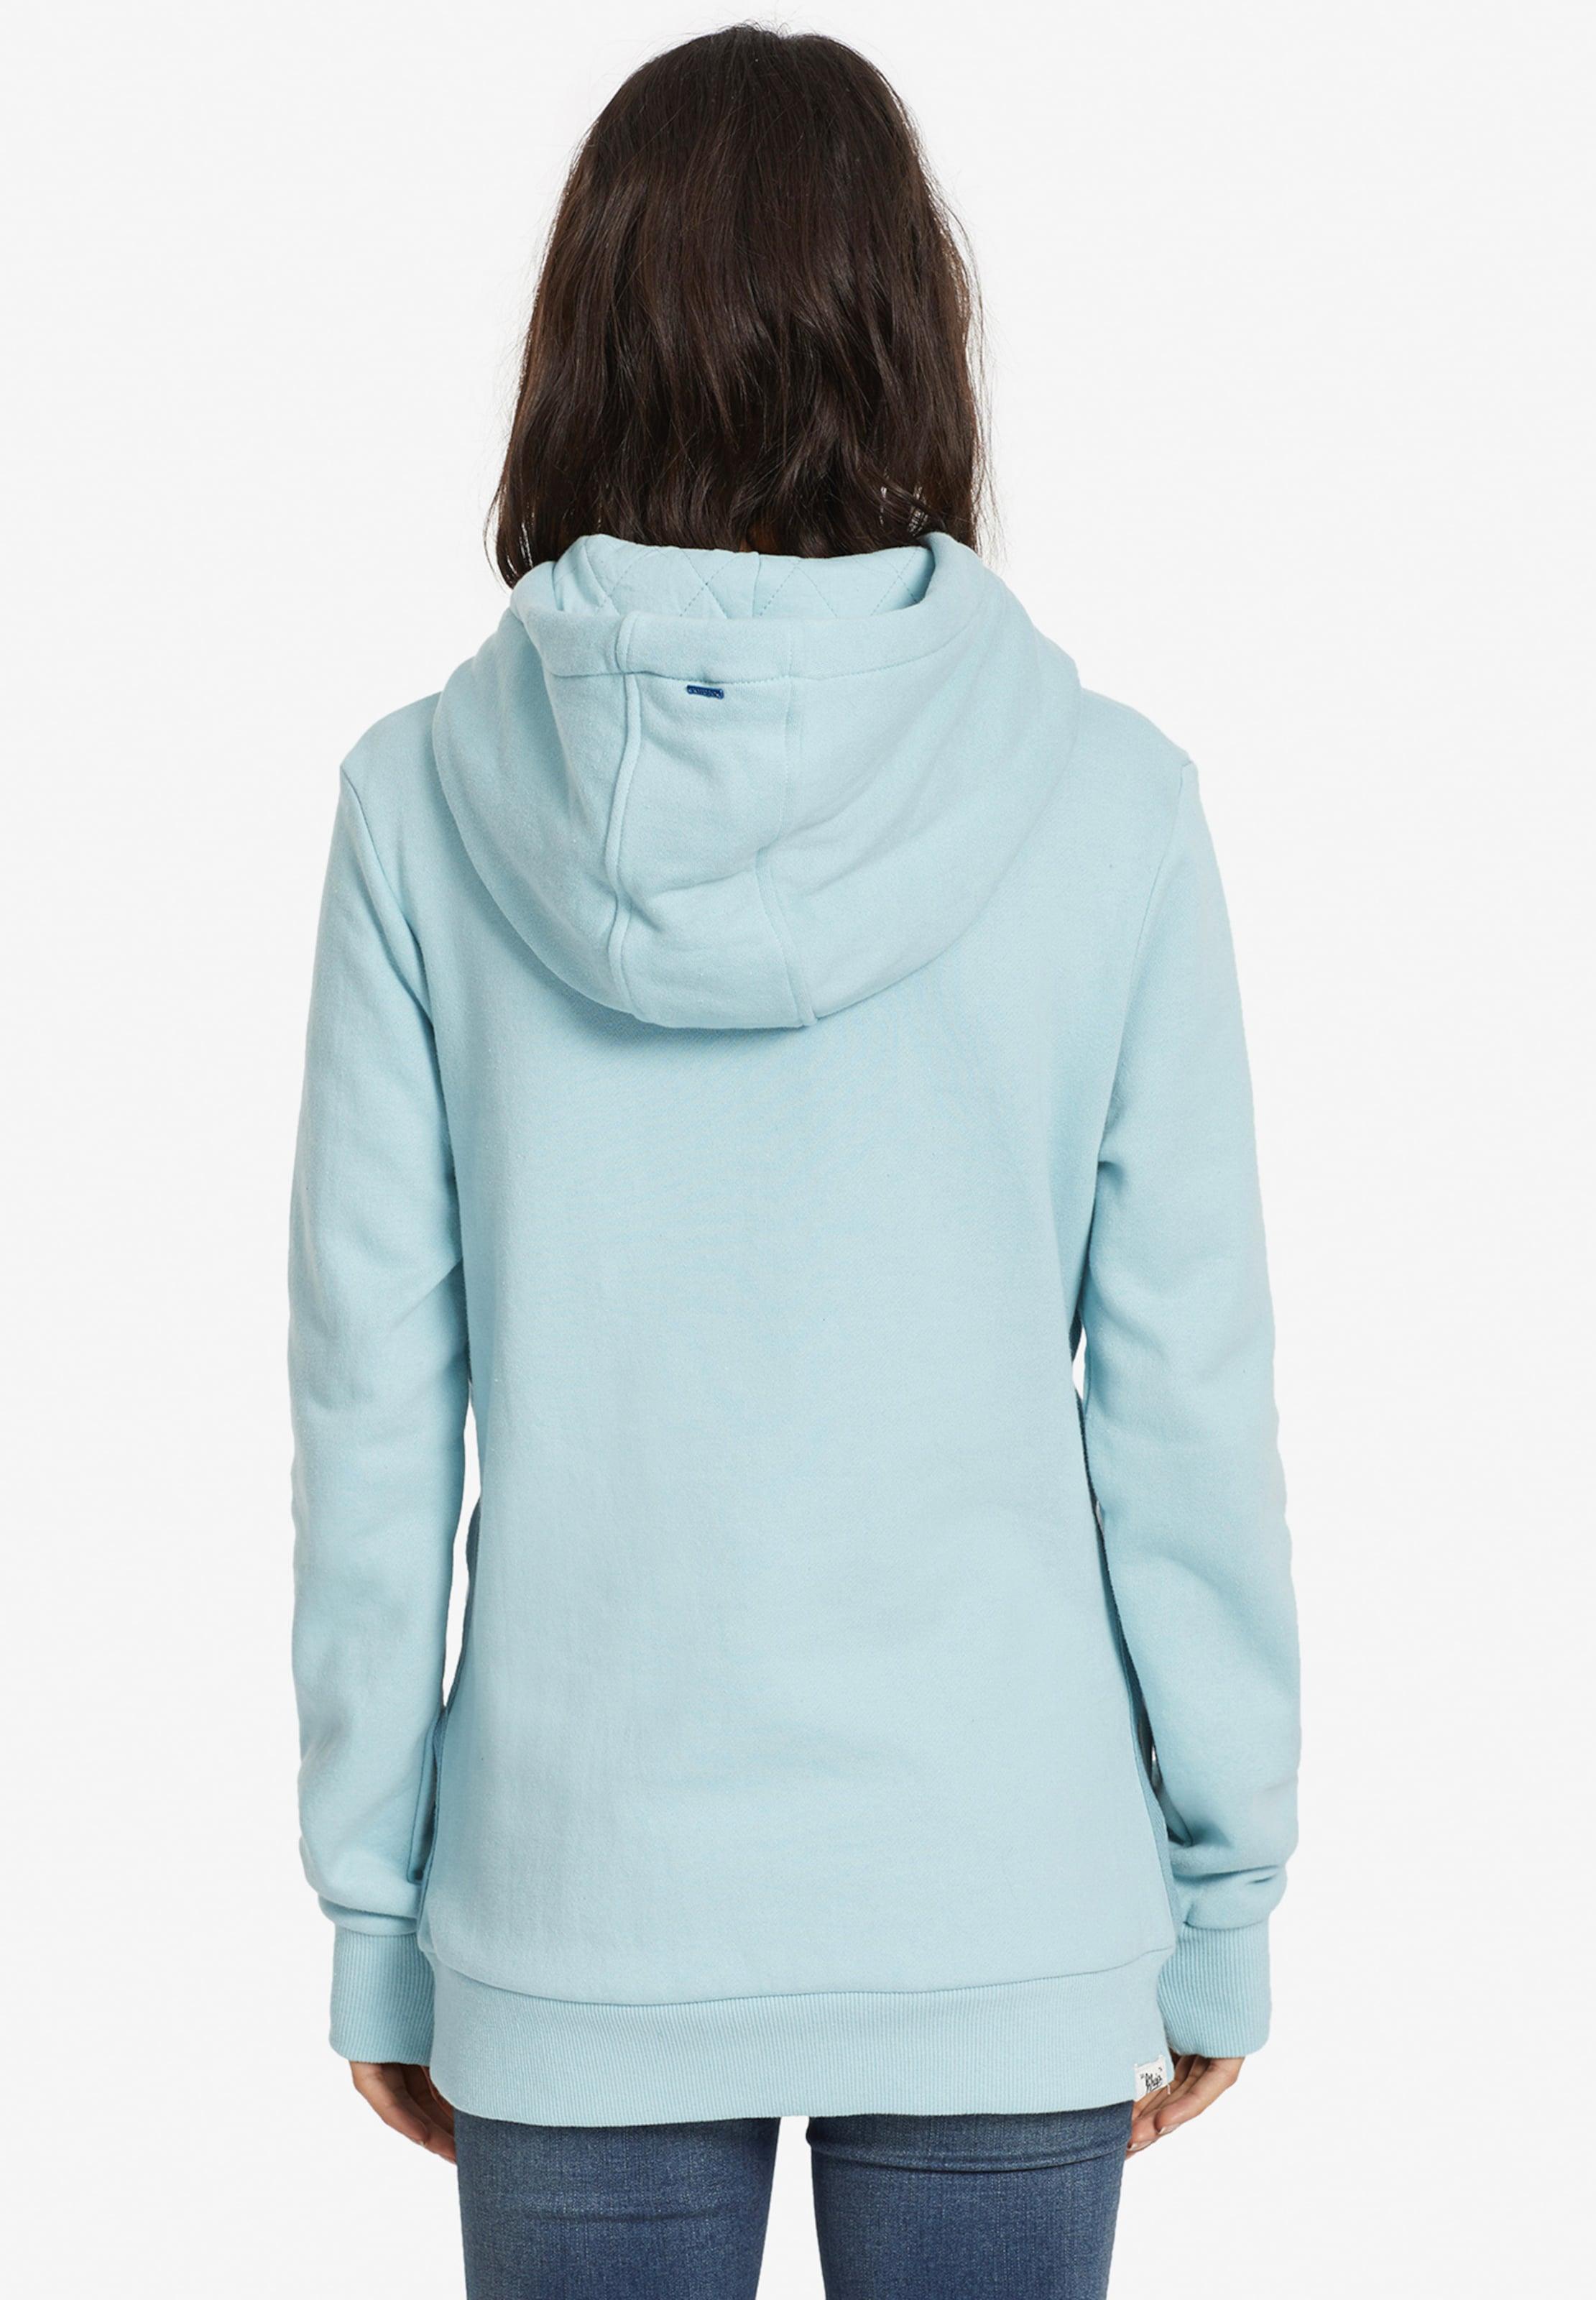 'ulyssa' In Sweatshirt Weiß Khujo HellblauBraun y7Yb6fg